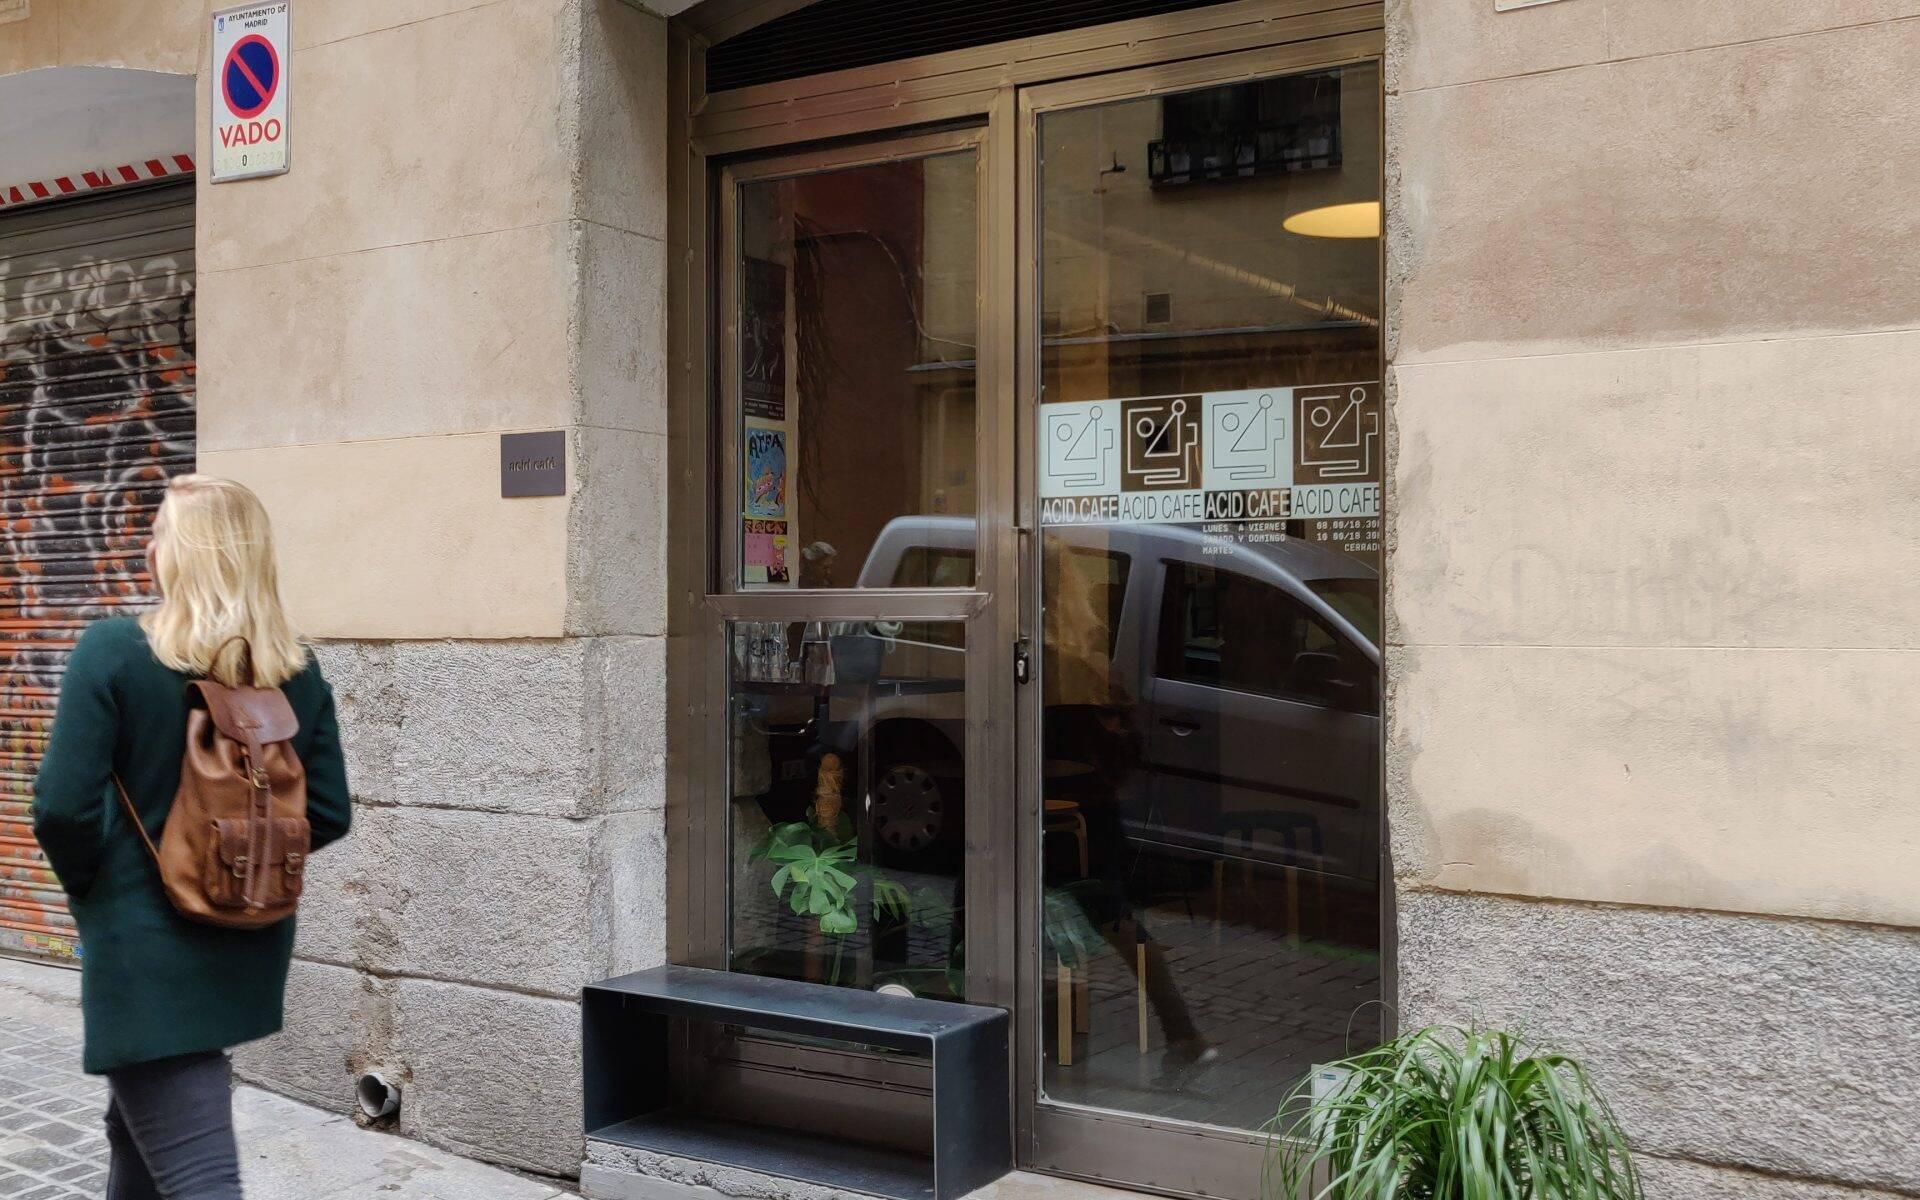 ACID Cafe